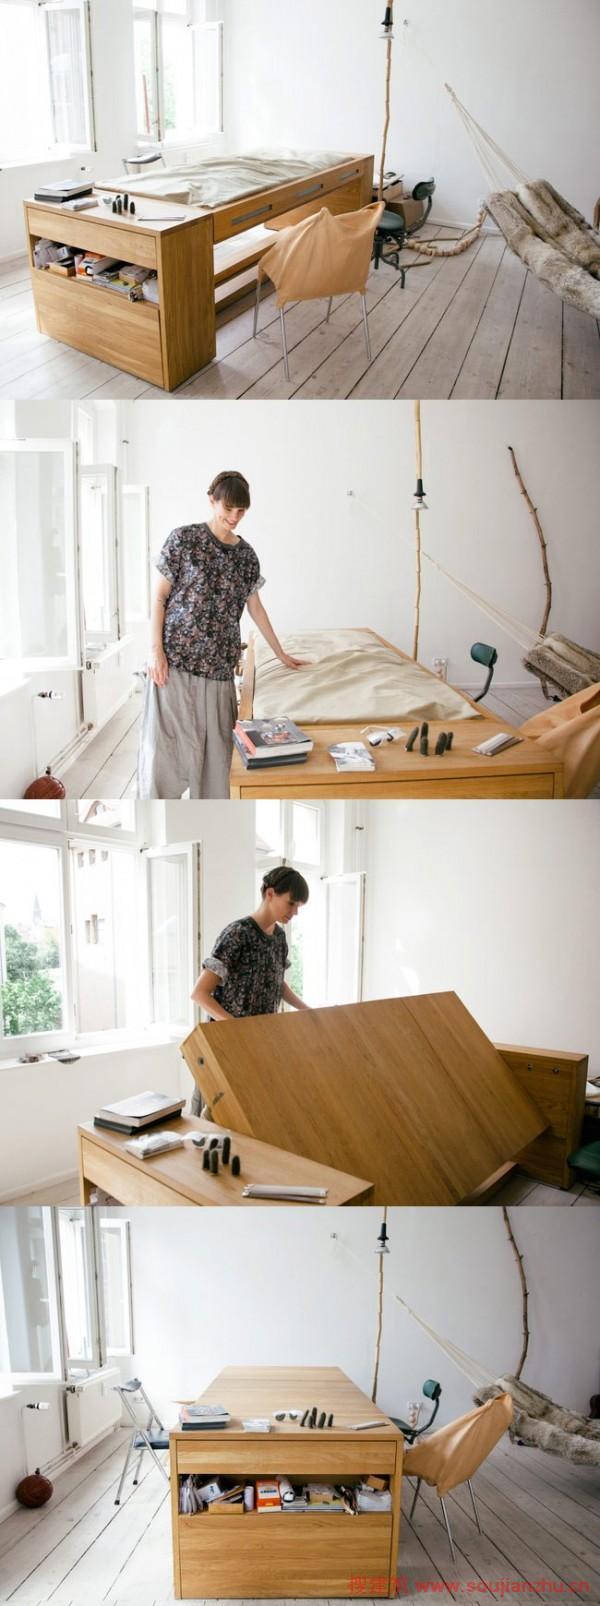 40例国外创意家庭办公桌设计